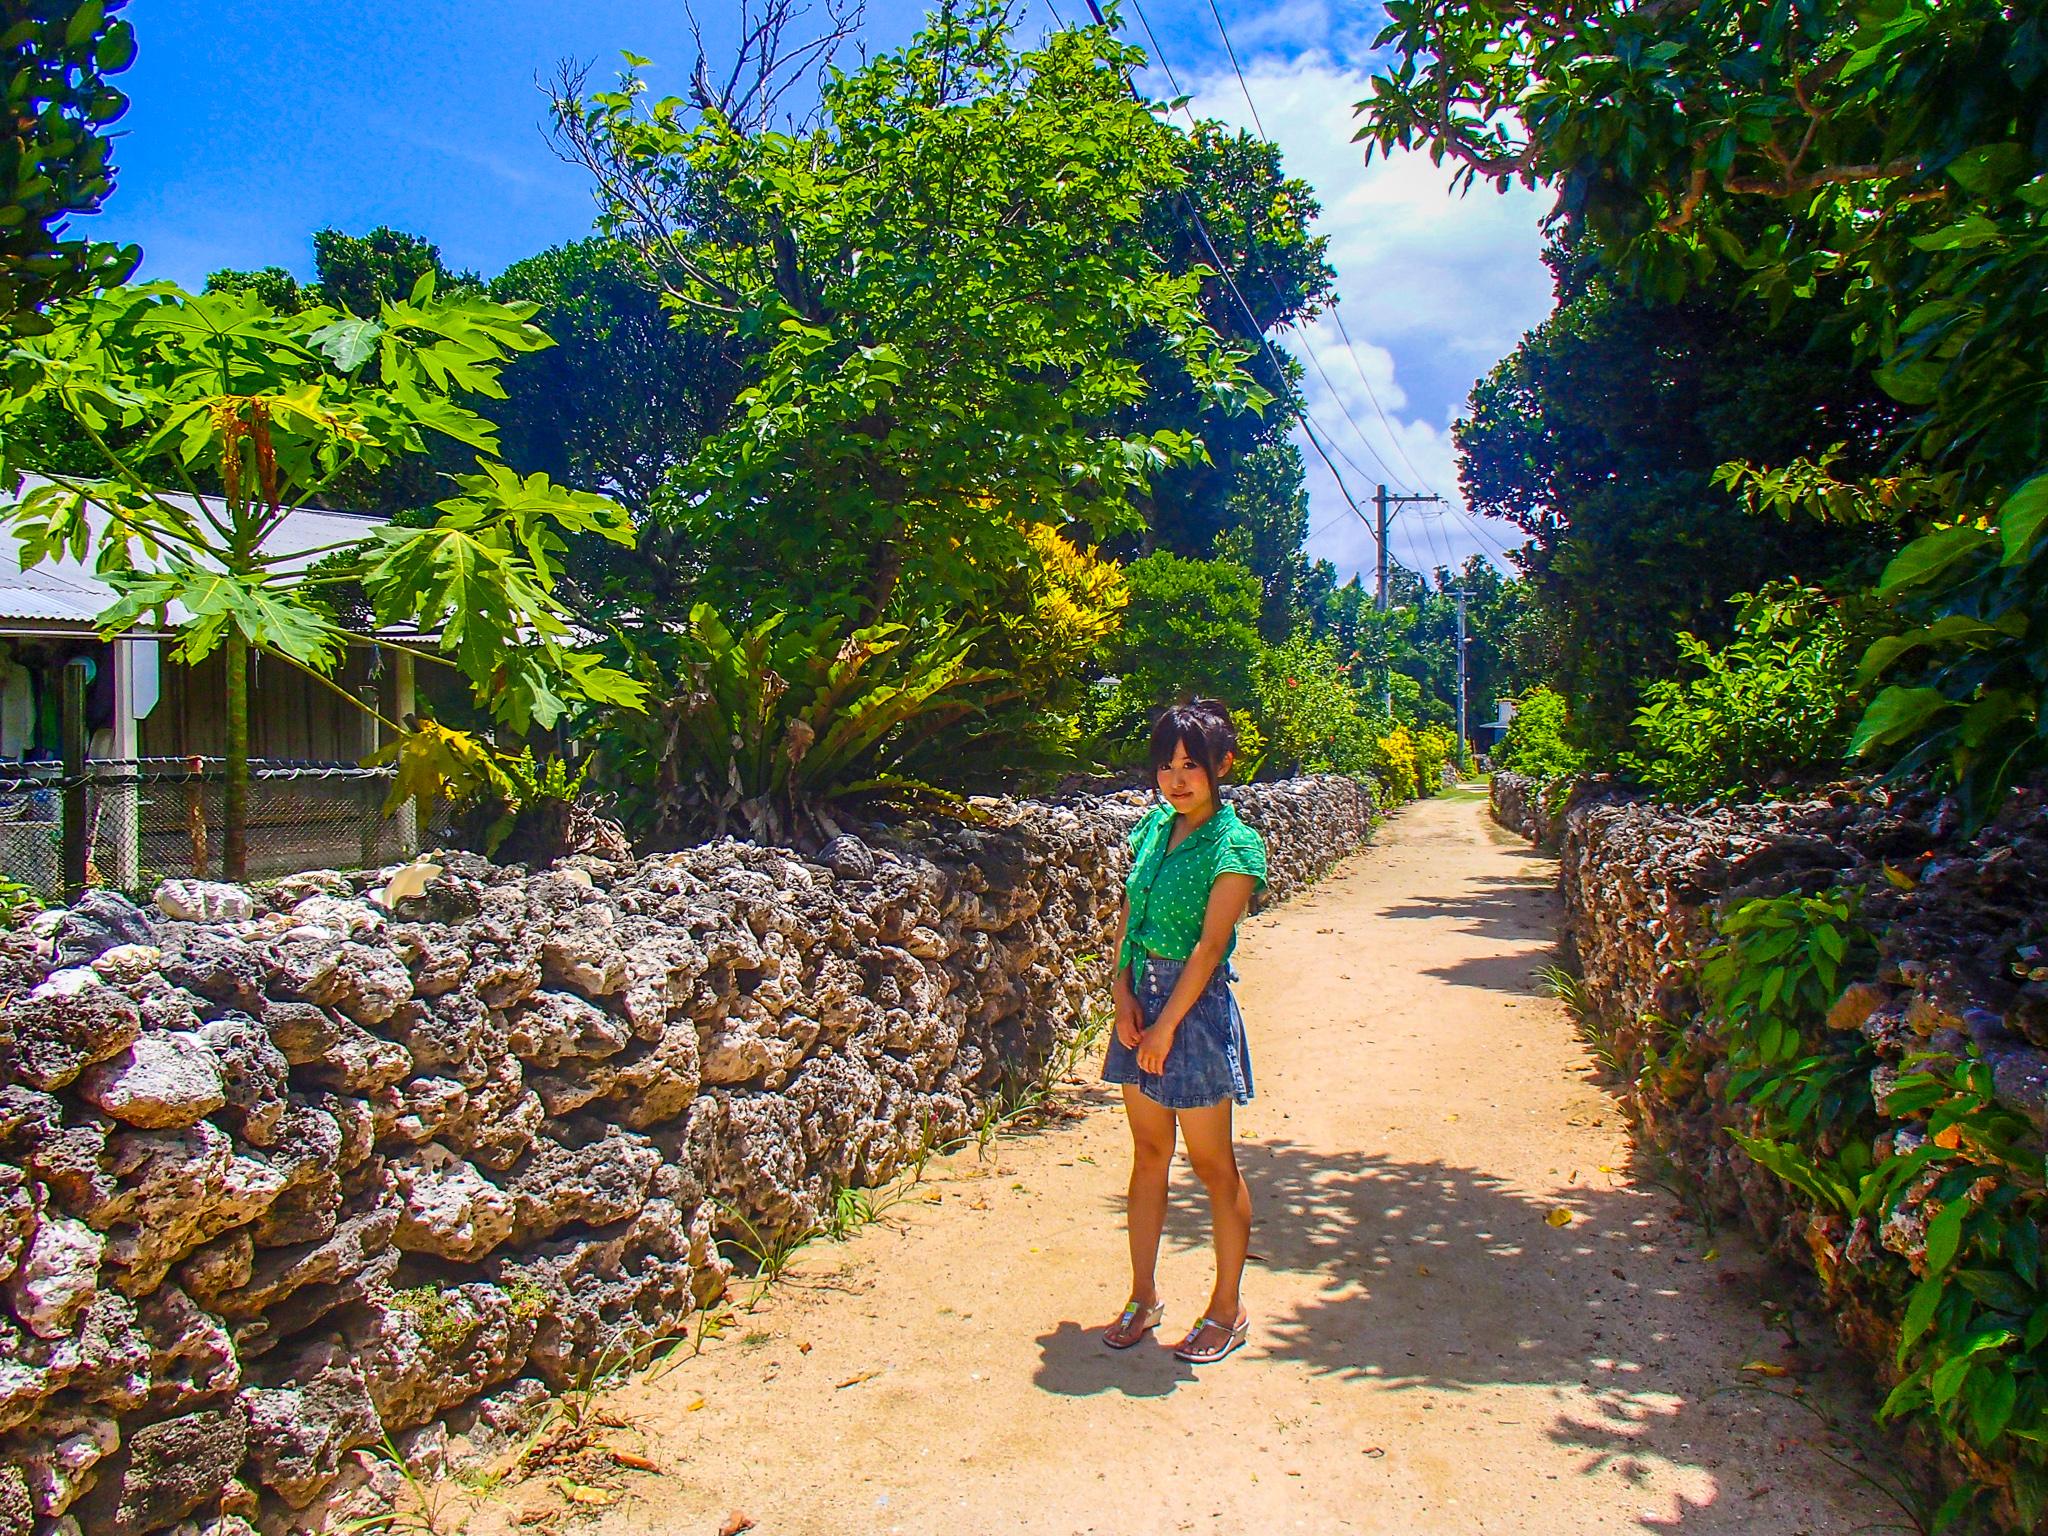 パナリ島島内を散策する女性